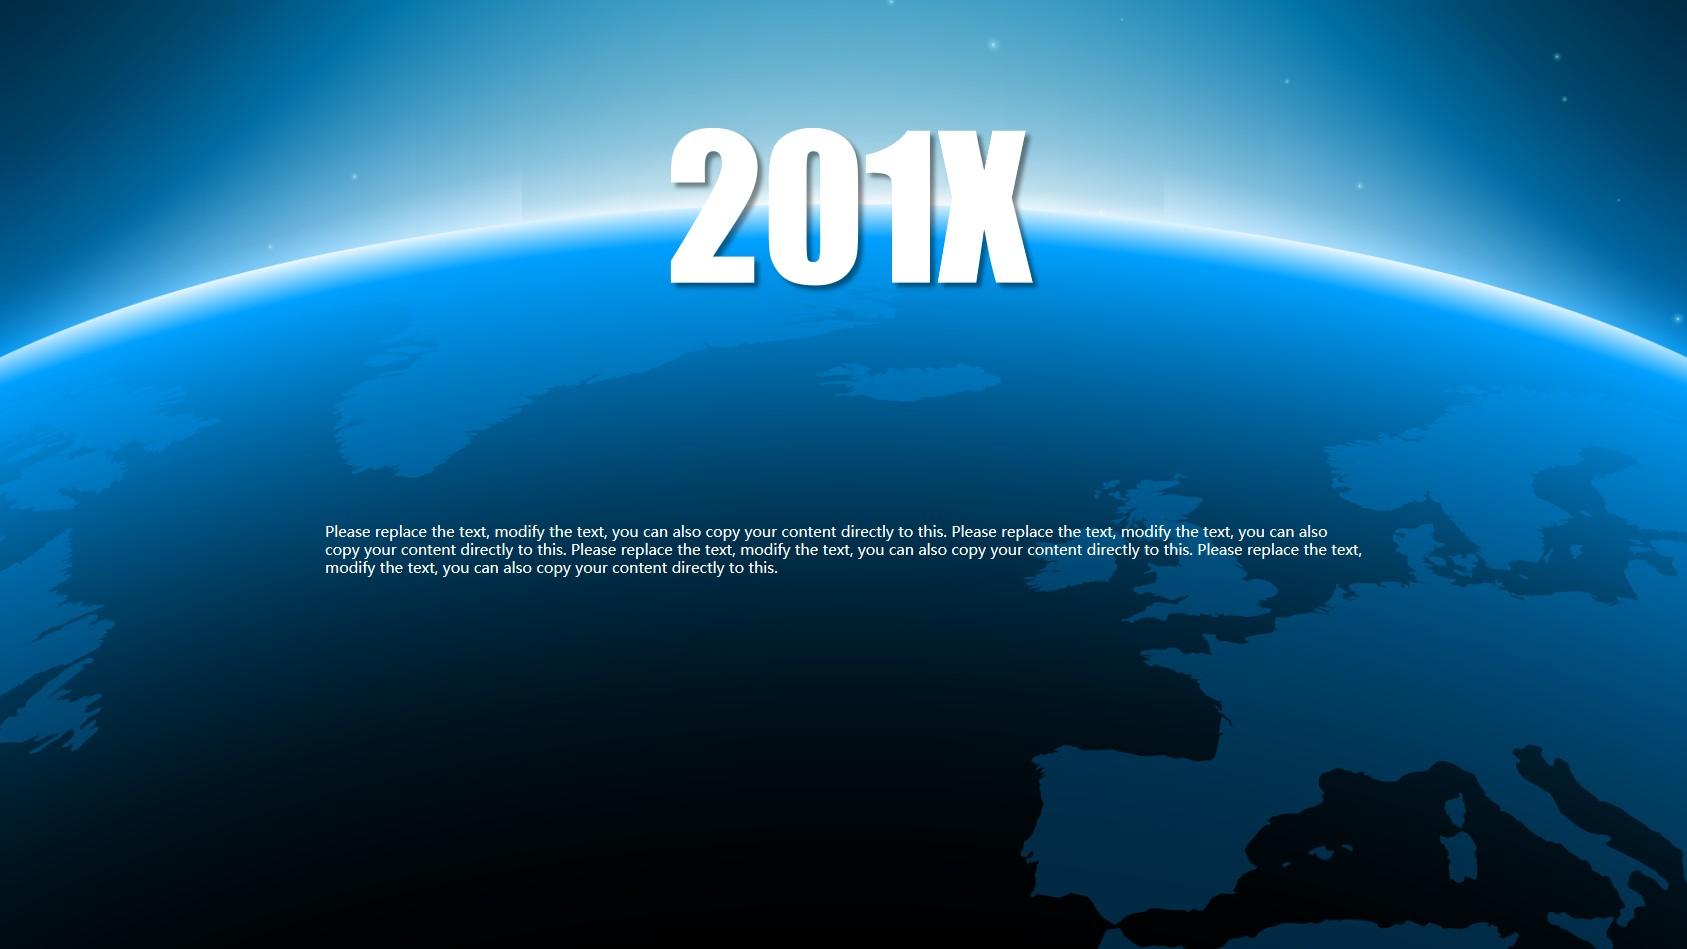 蓝色地球半径的工作计划PPT模板